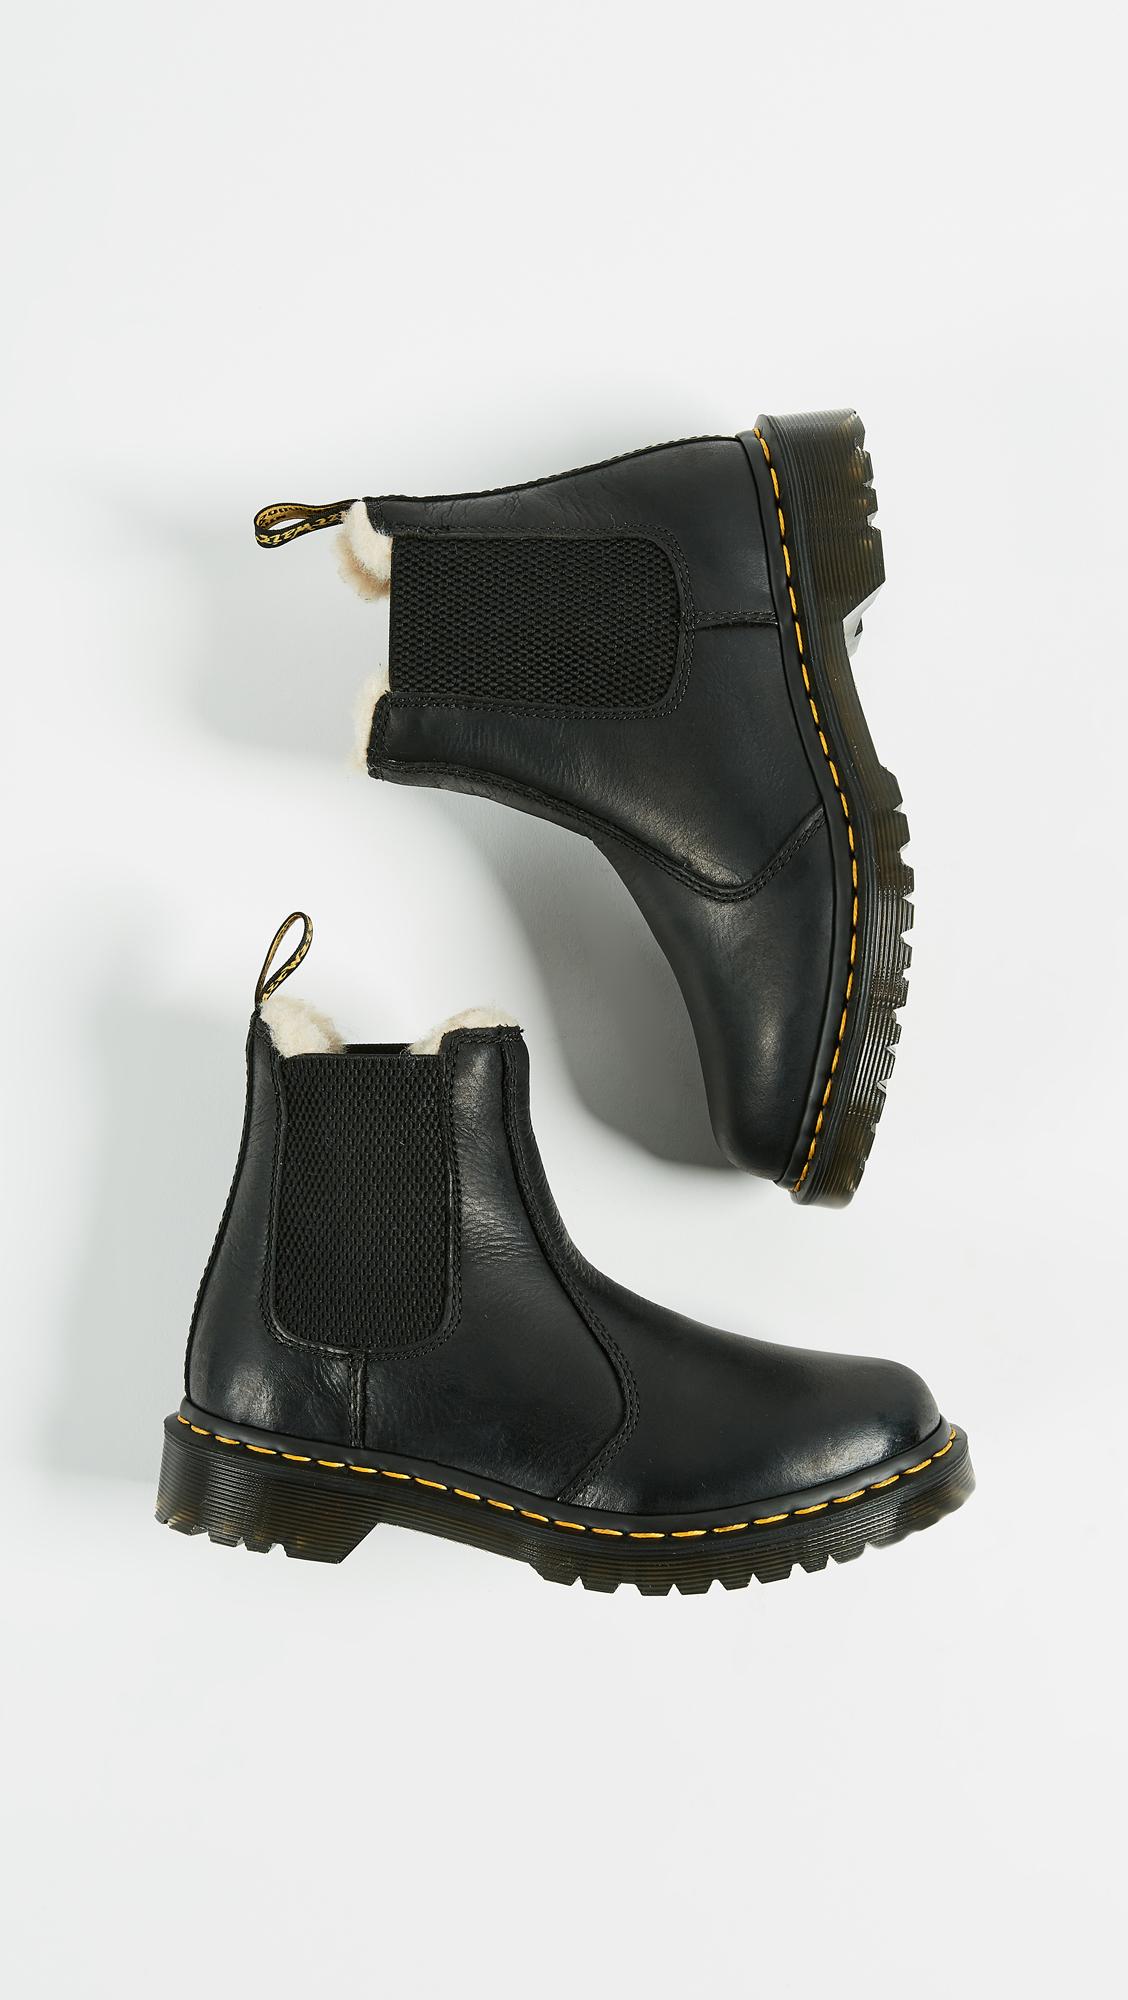 Eu 36 Leonore Boots 2976 But DrMartens HEID29